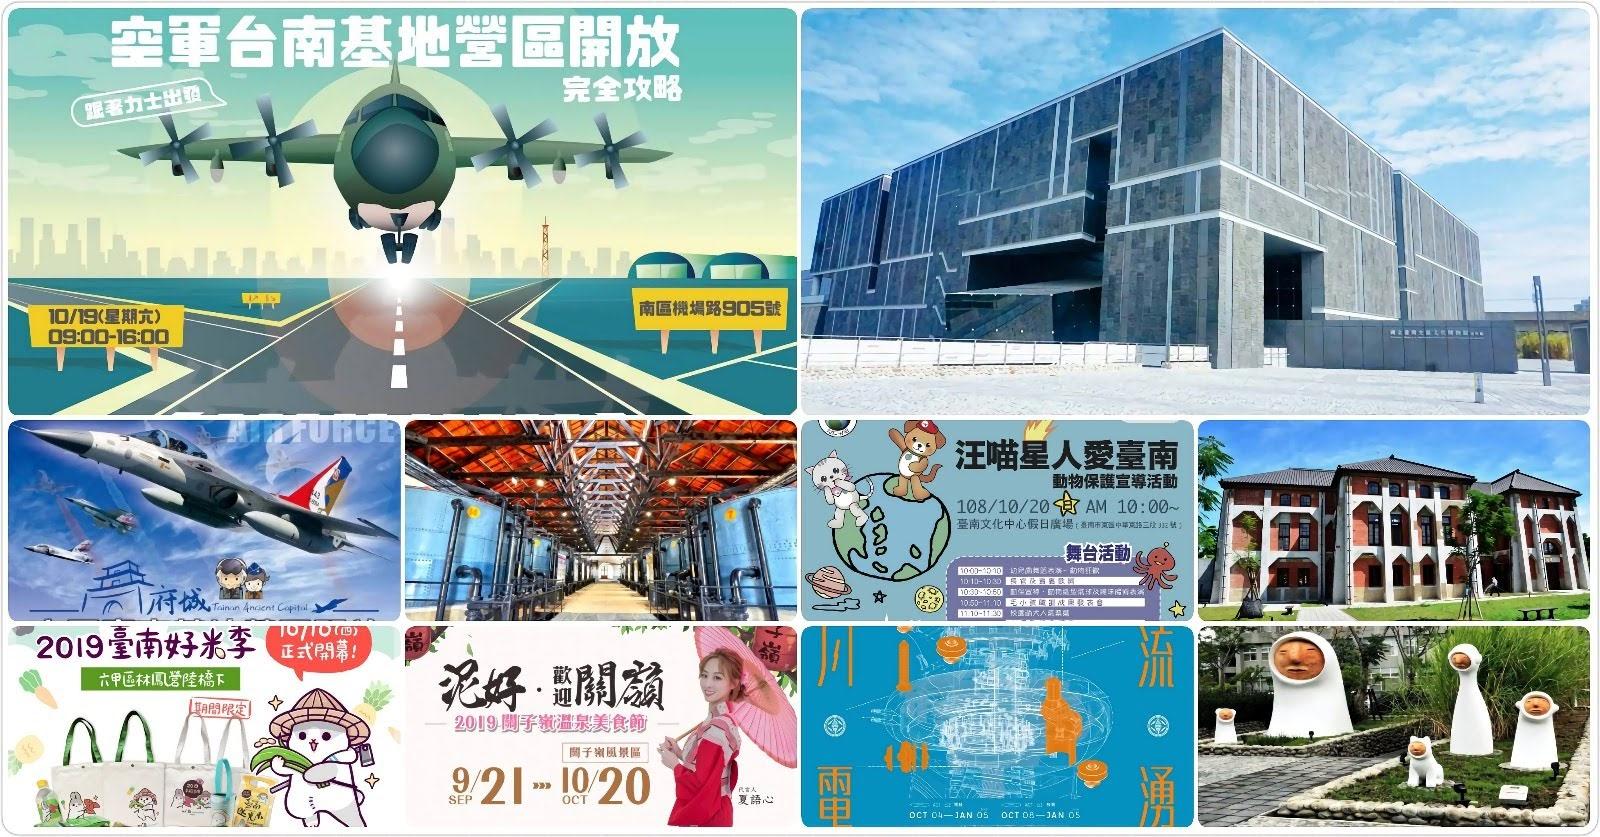 [活動] 2019 10/18-/10/20 台南週末活動整理|本週末活動數:46